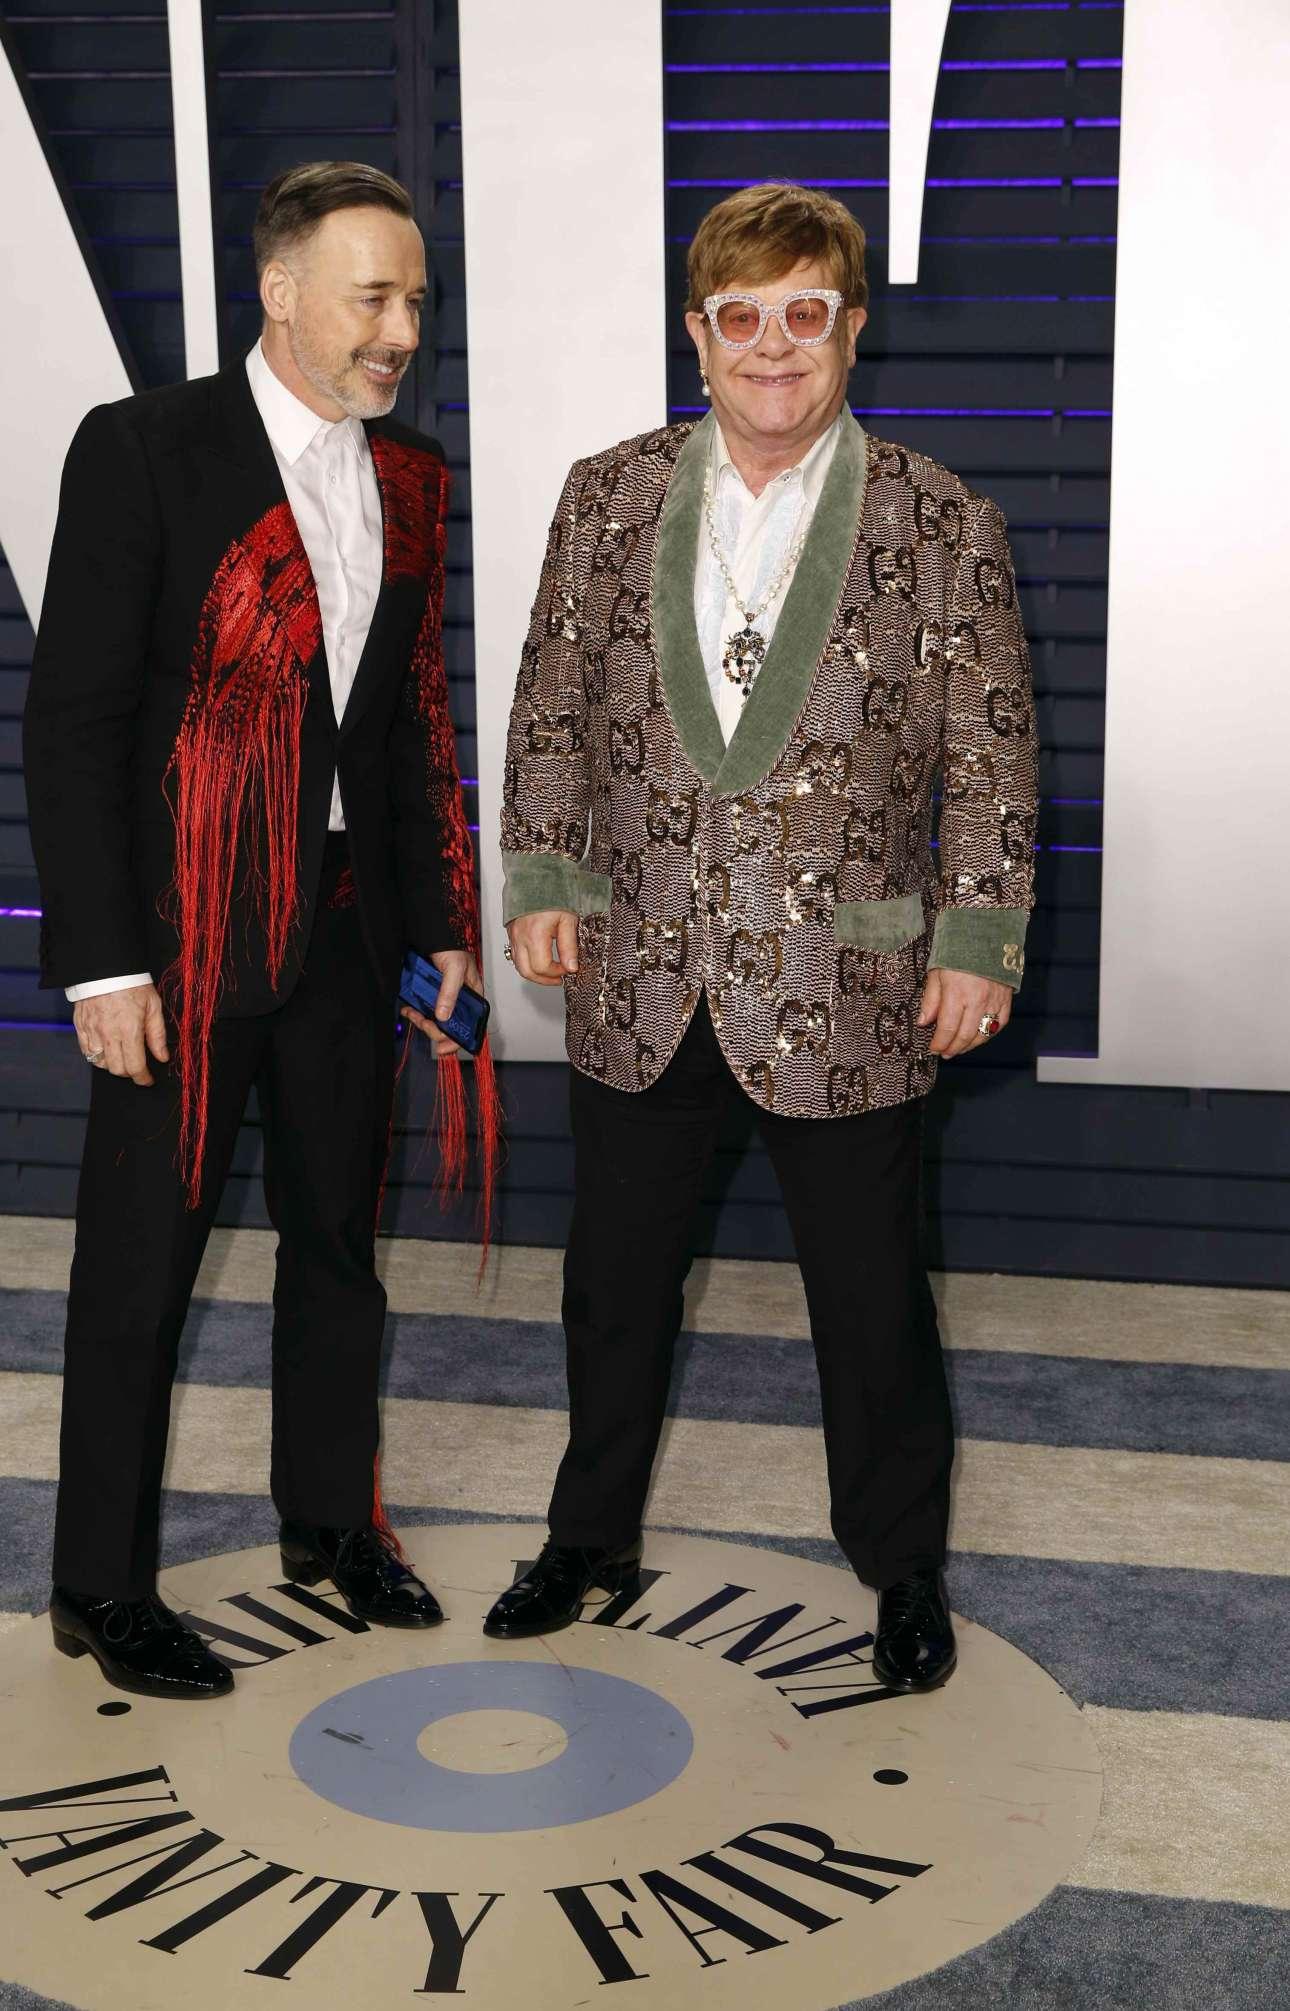 O σερ Ελτον Τζον με τον σύζυγό του καναδό σκηνοθέτη Ντέιβιντ Φέρνις